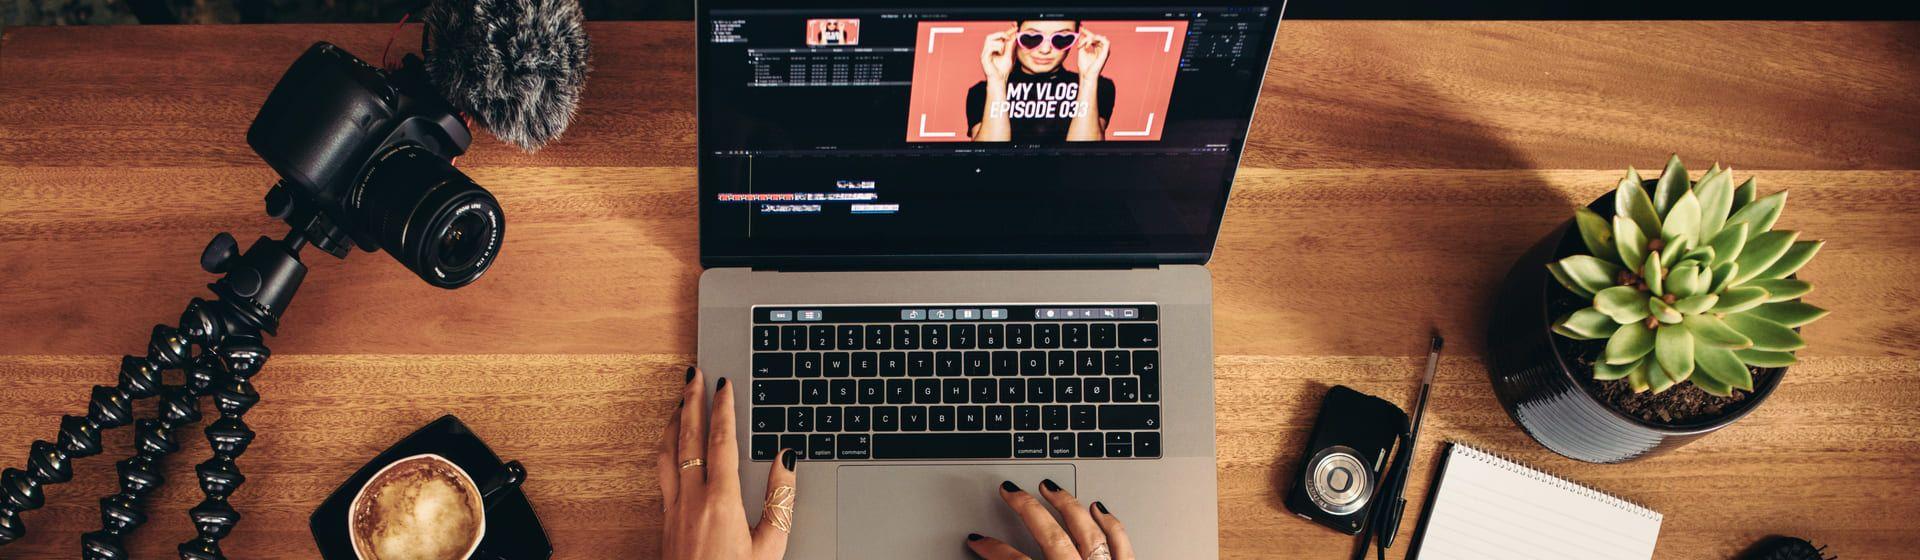 Melhores notebooks para edição de vídeo em 2021: veja 9 modelos